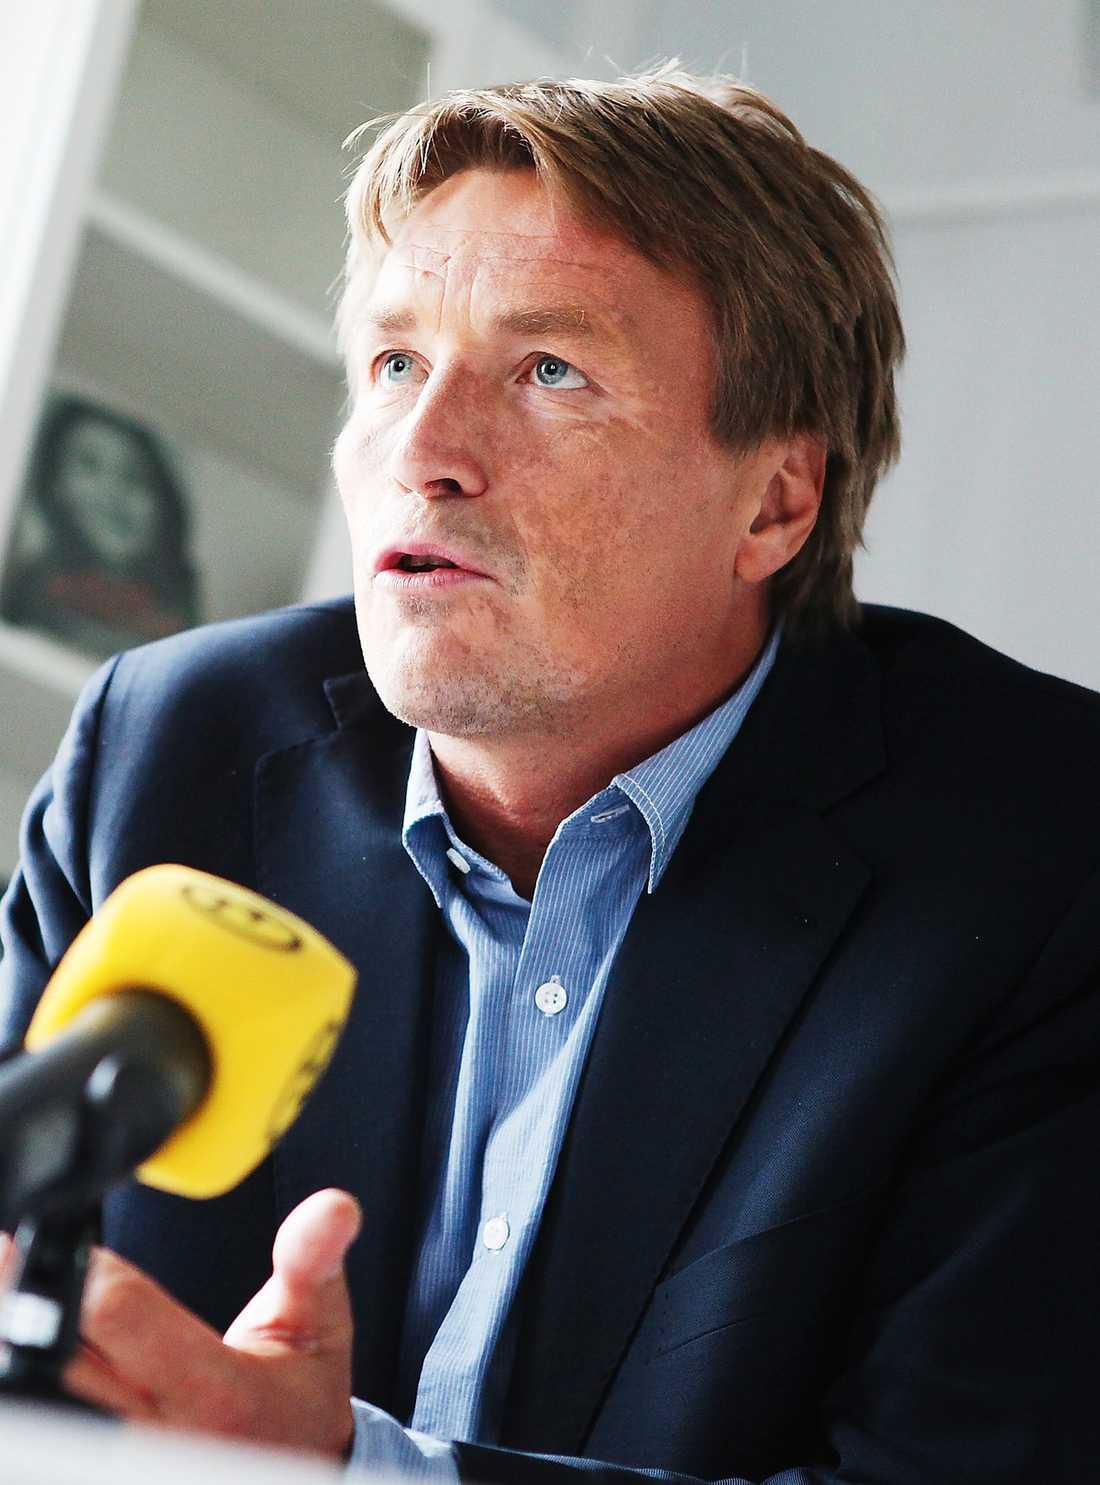 """Thomas Bodström, 49: Justitieminister i Göran Perssons regering. Populär bland väljarna. """"Det är så klart väldigt smickrande att jag får höga siffror men det är fortfarande inte aktuellt. Om jag mot förmodan skulle få frågan skulle jag tacka nej"""", säger han till Aftonbladet."""